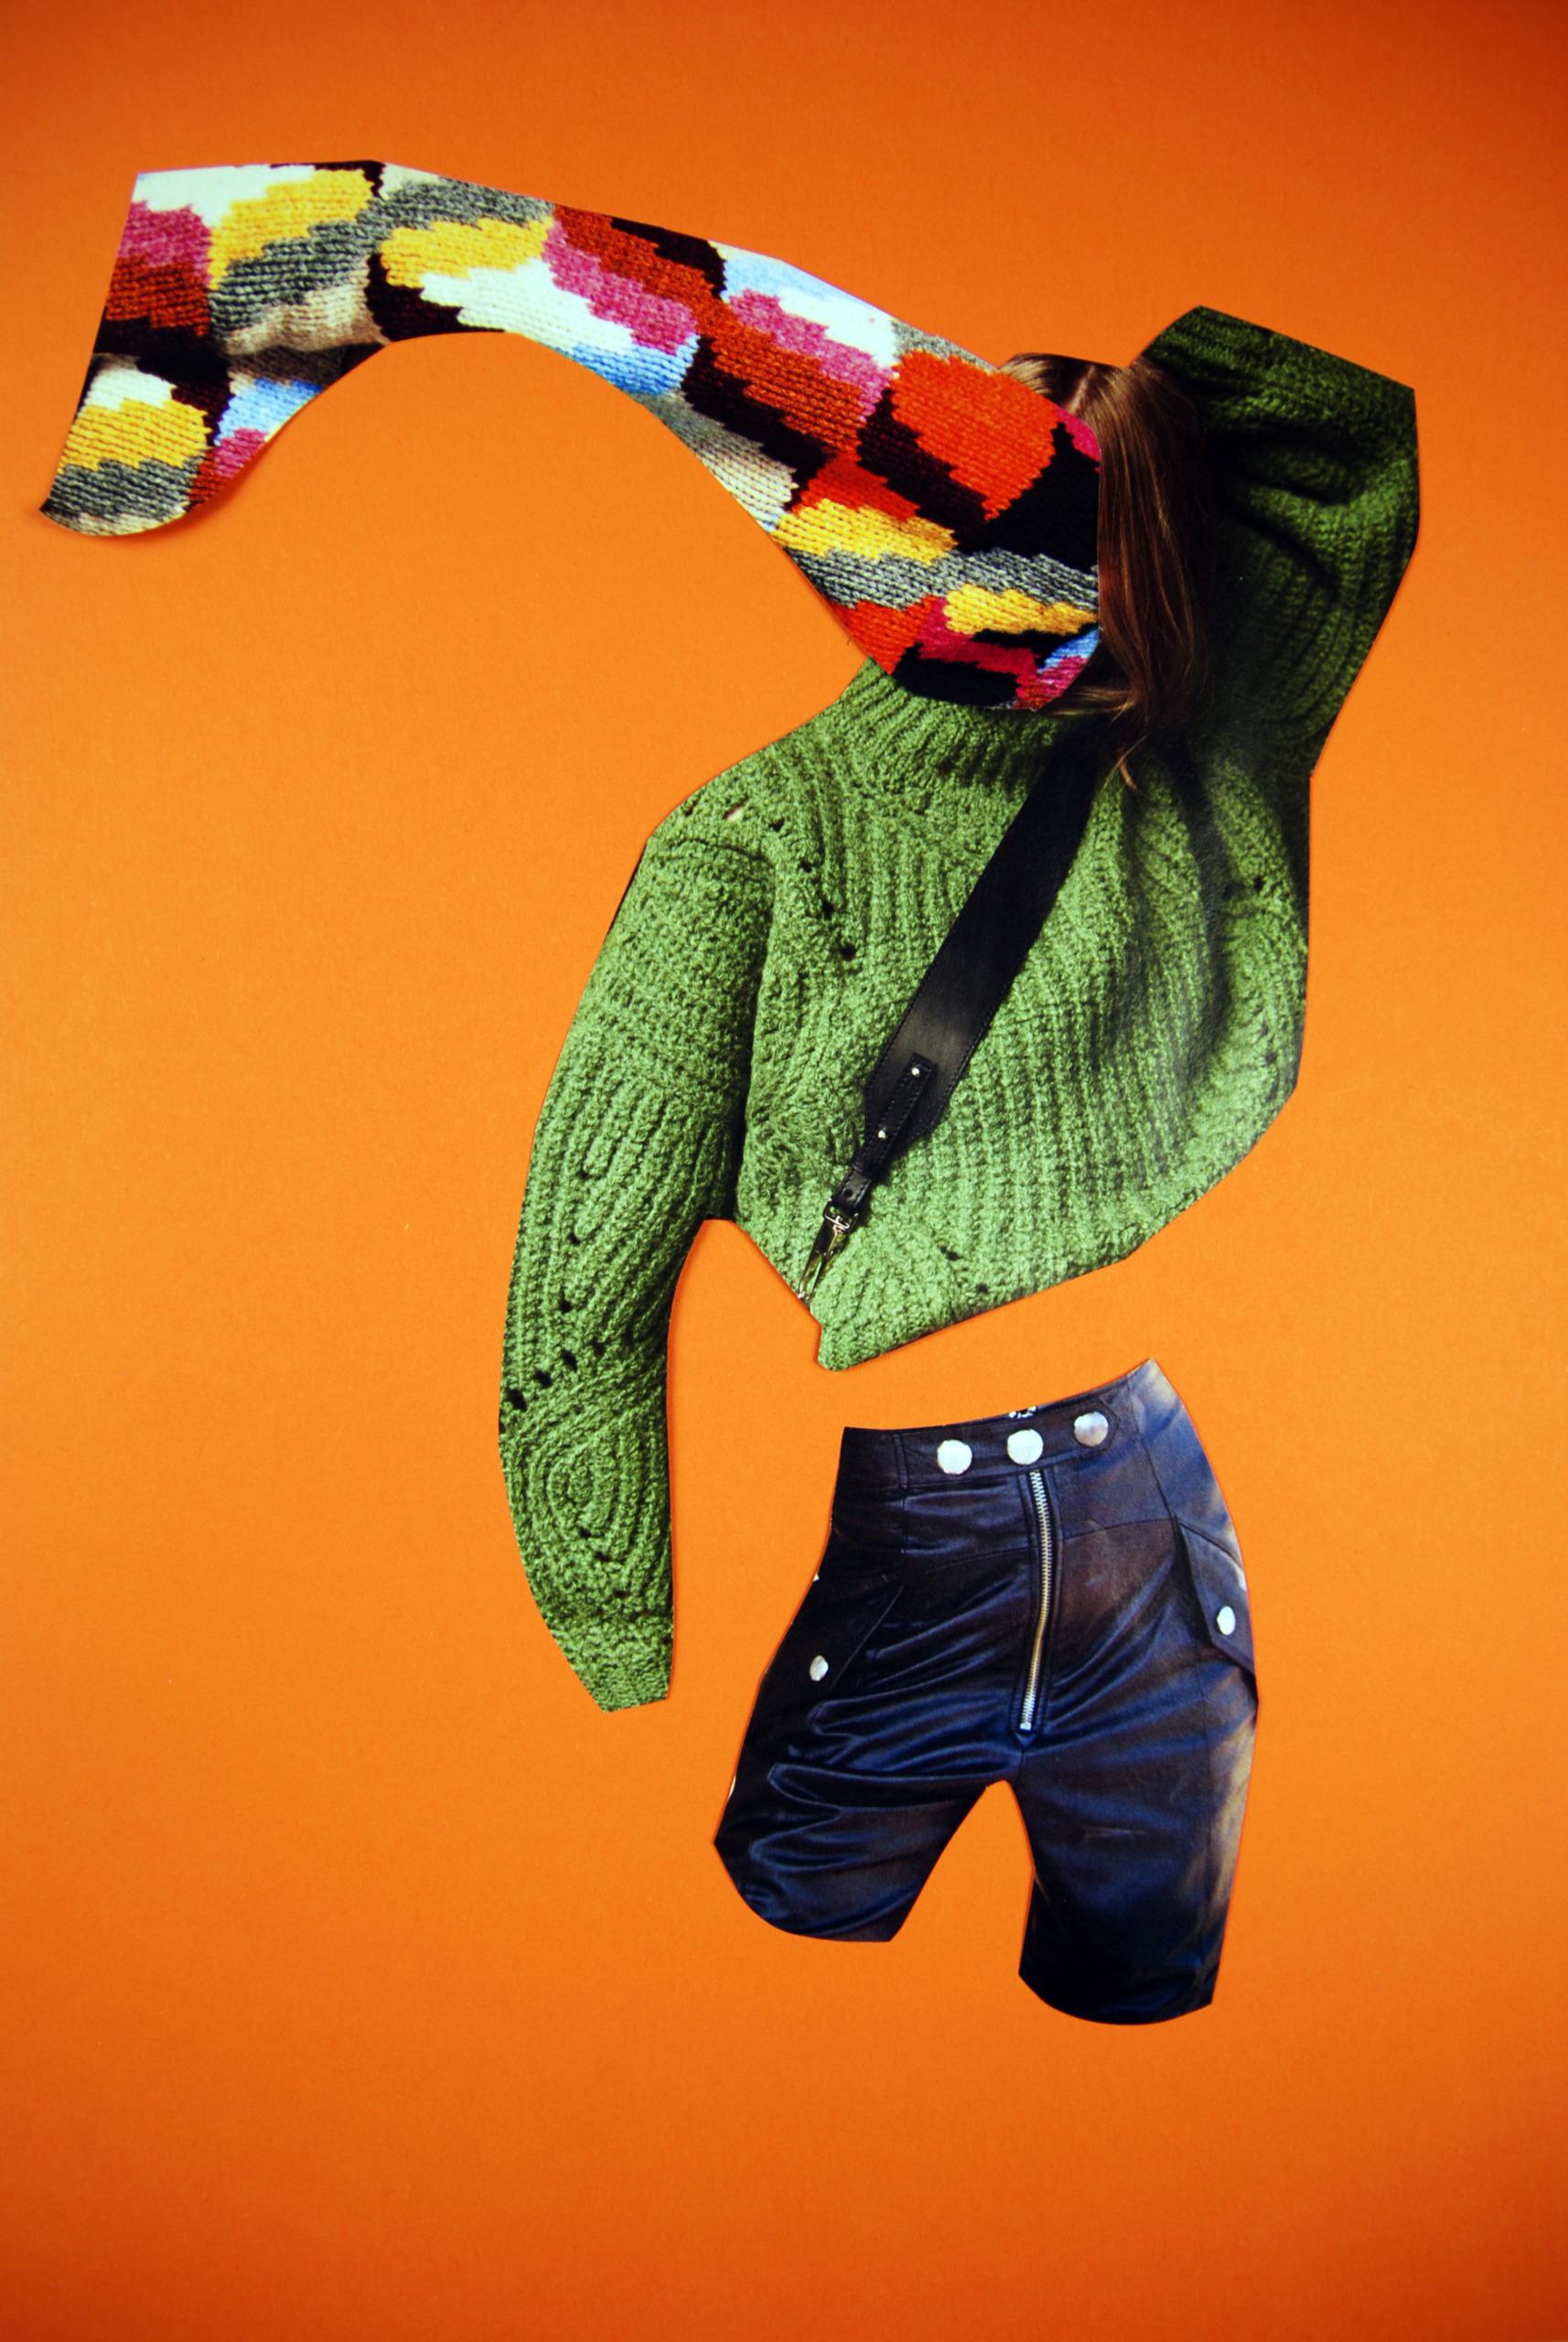 Obraz przedstawia kolaż z elementów zdjęć, widzimy spodenki, zielony sweter, kolorowy sweter zamiast twarzy.